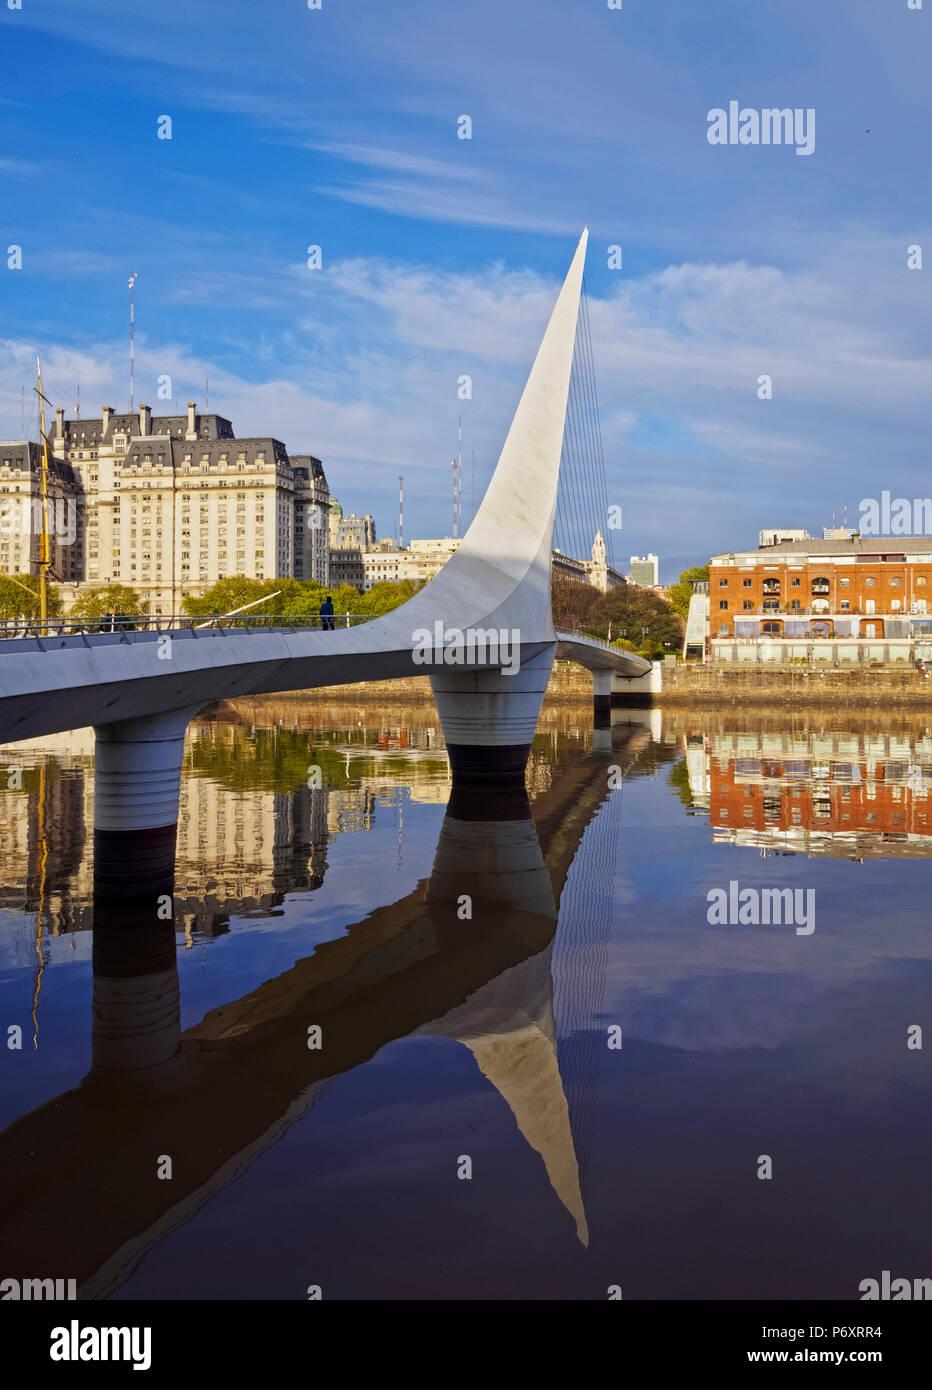 Argentina, Provincia de Buenos Aires, Ciudad de Buenos Aires, Vista del Puente de la Mujer en Puerto Madero. Imagen De Stock